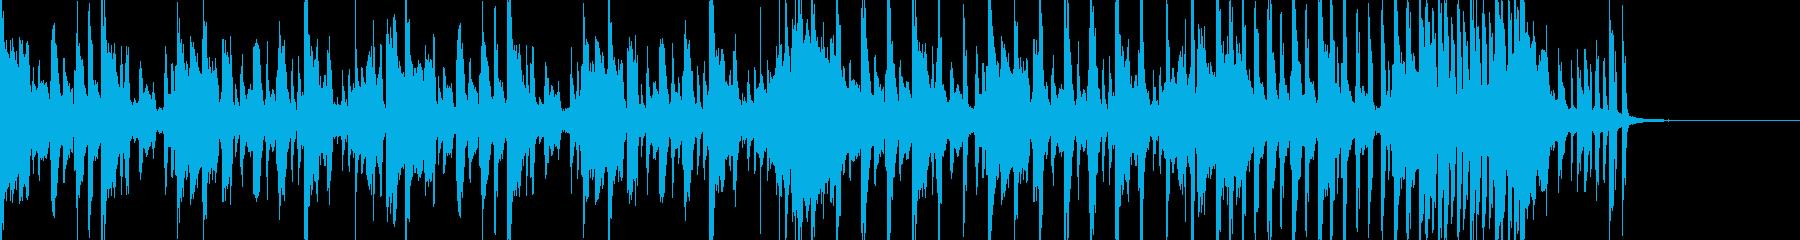 明るくオシャレなディスコのジングルの再生済みの波形